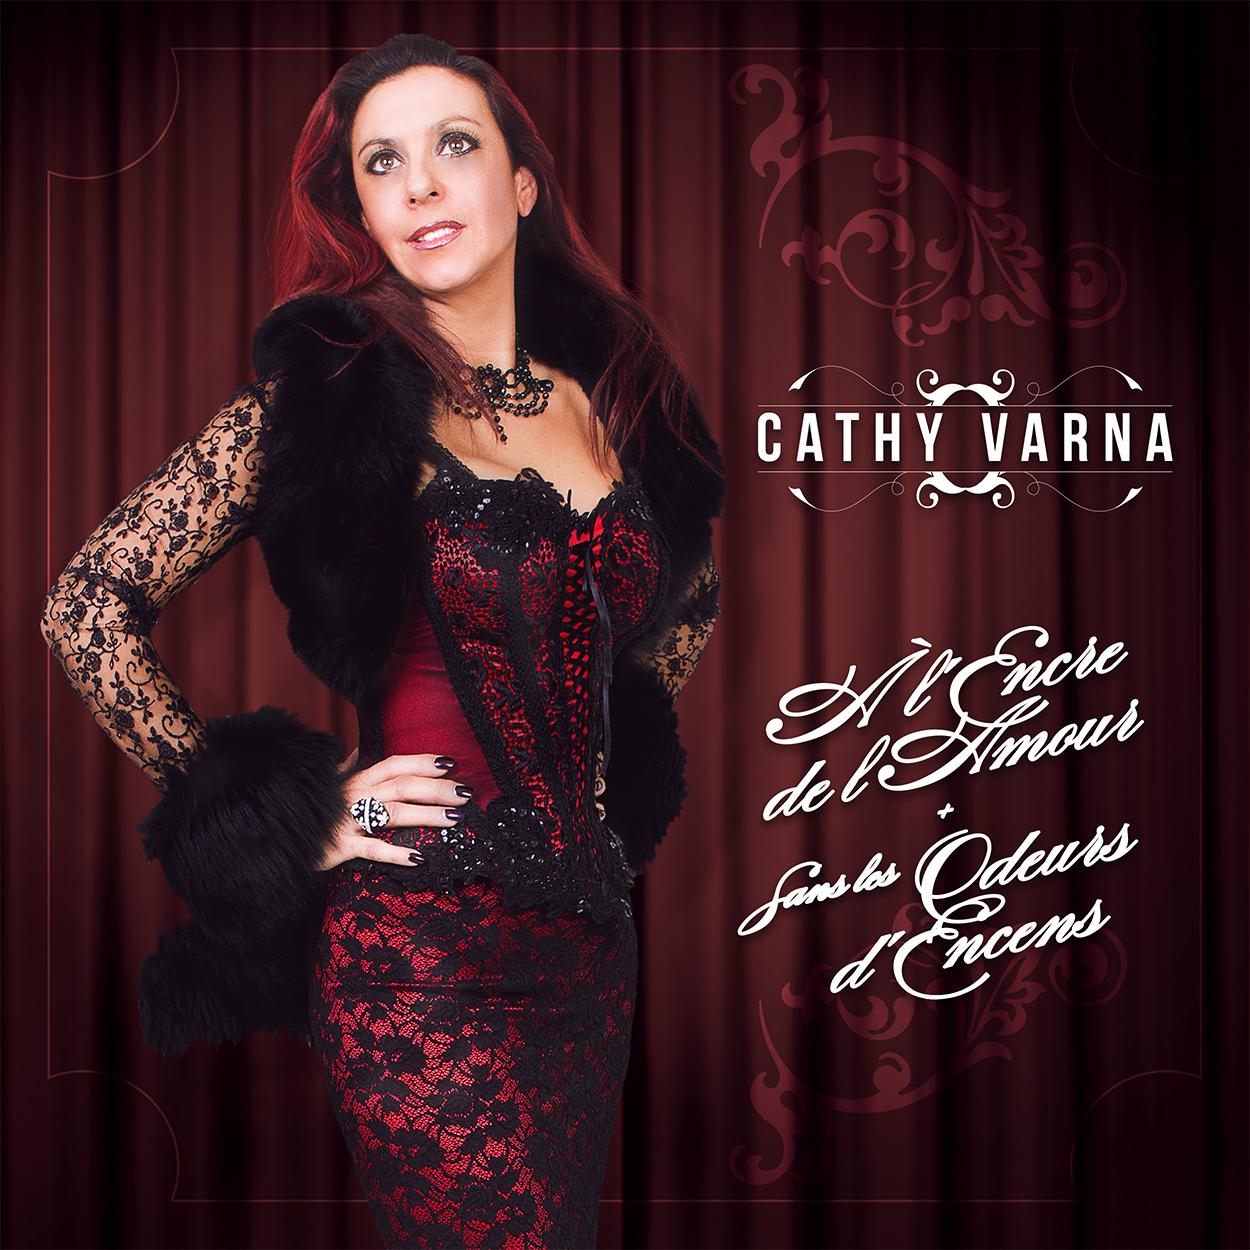 """CATHY VARNA  -  """" A l'encre de l'amour """" et  """" Sans les odeurs d'encens """""""